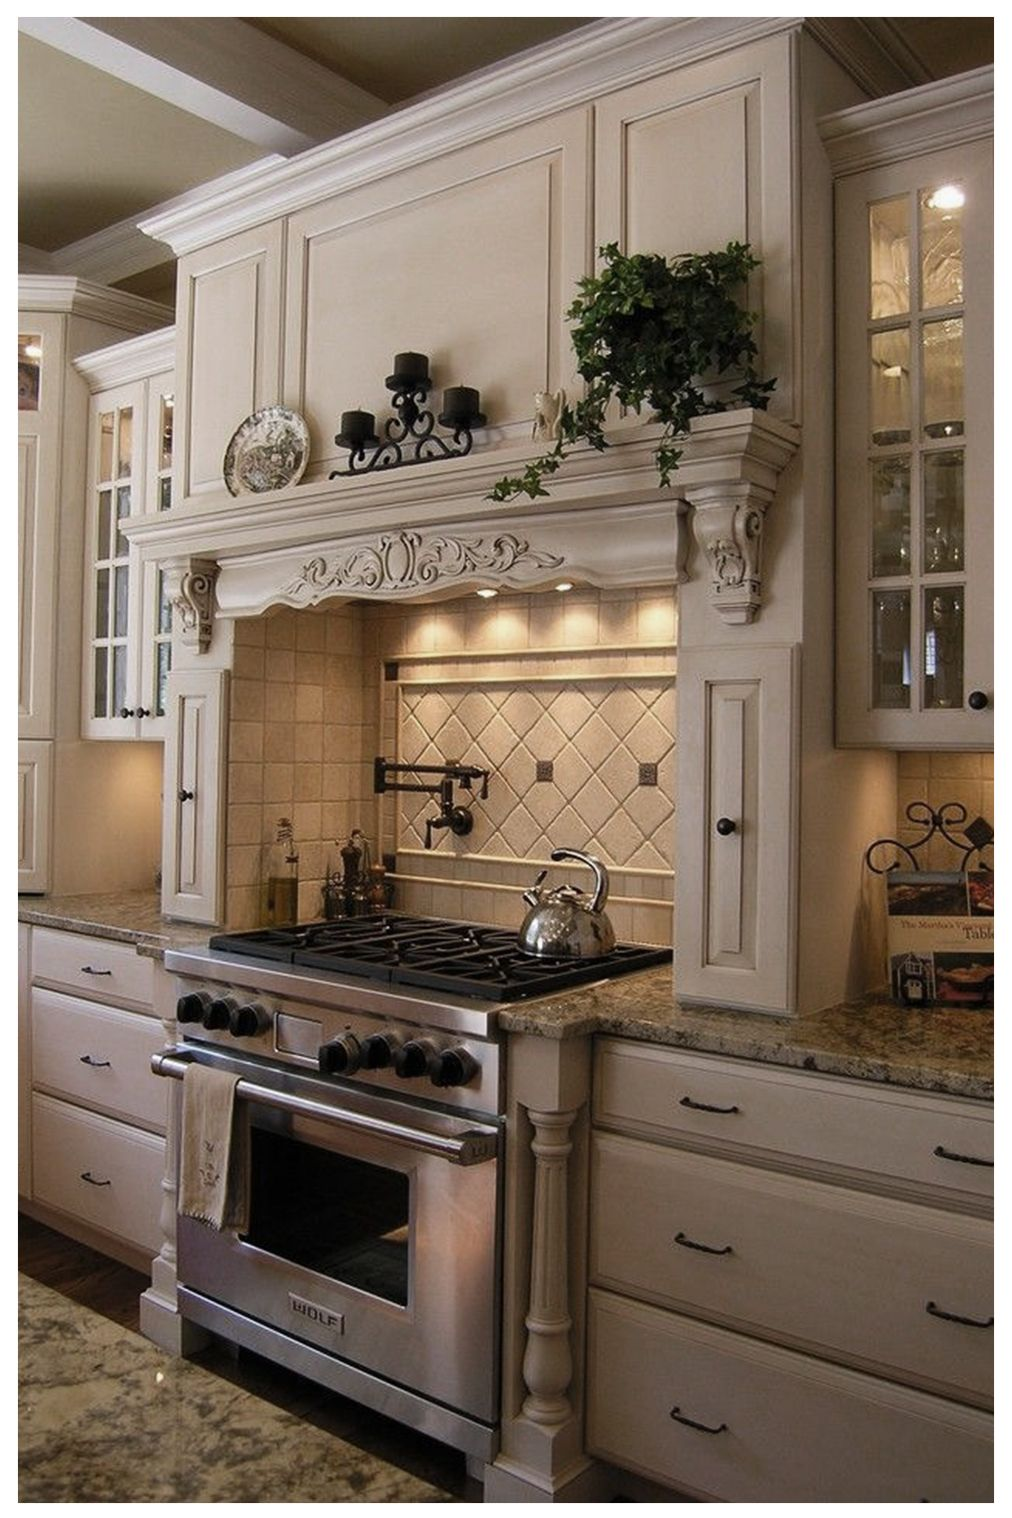 20 Insanely Beautiful Mediterranean Kitchen Design Elements Ideas In 2020 French Country Kitchen Cabinets French Country Decorating Kitchen French Country Kitchen